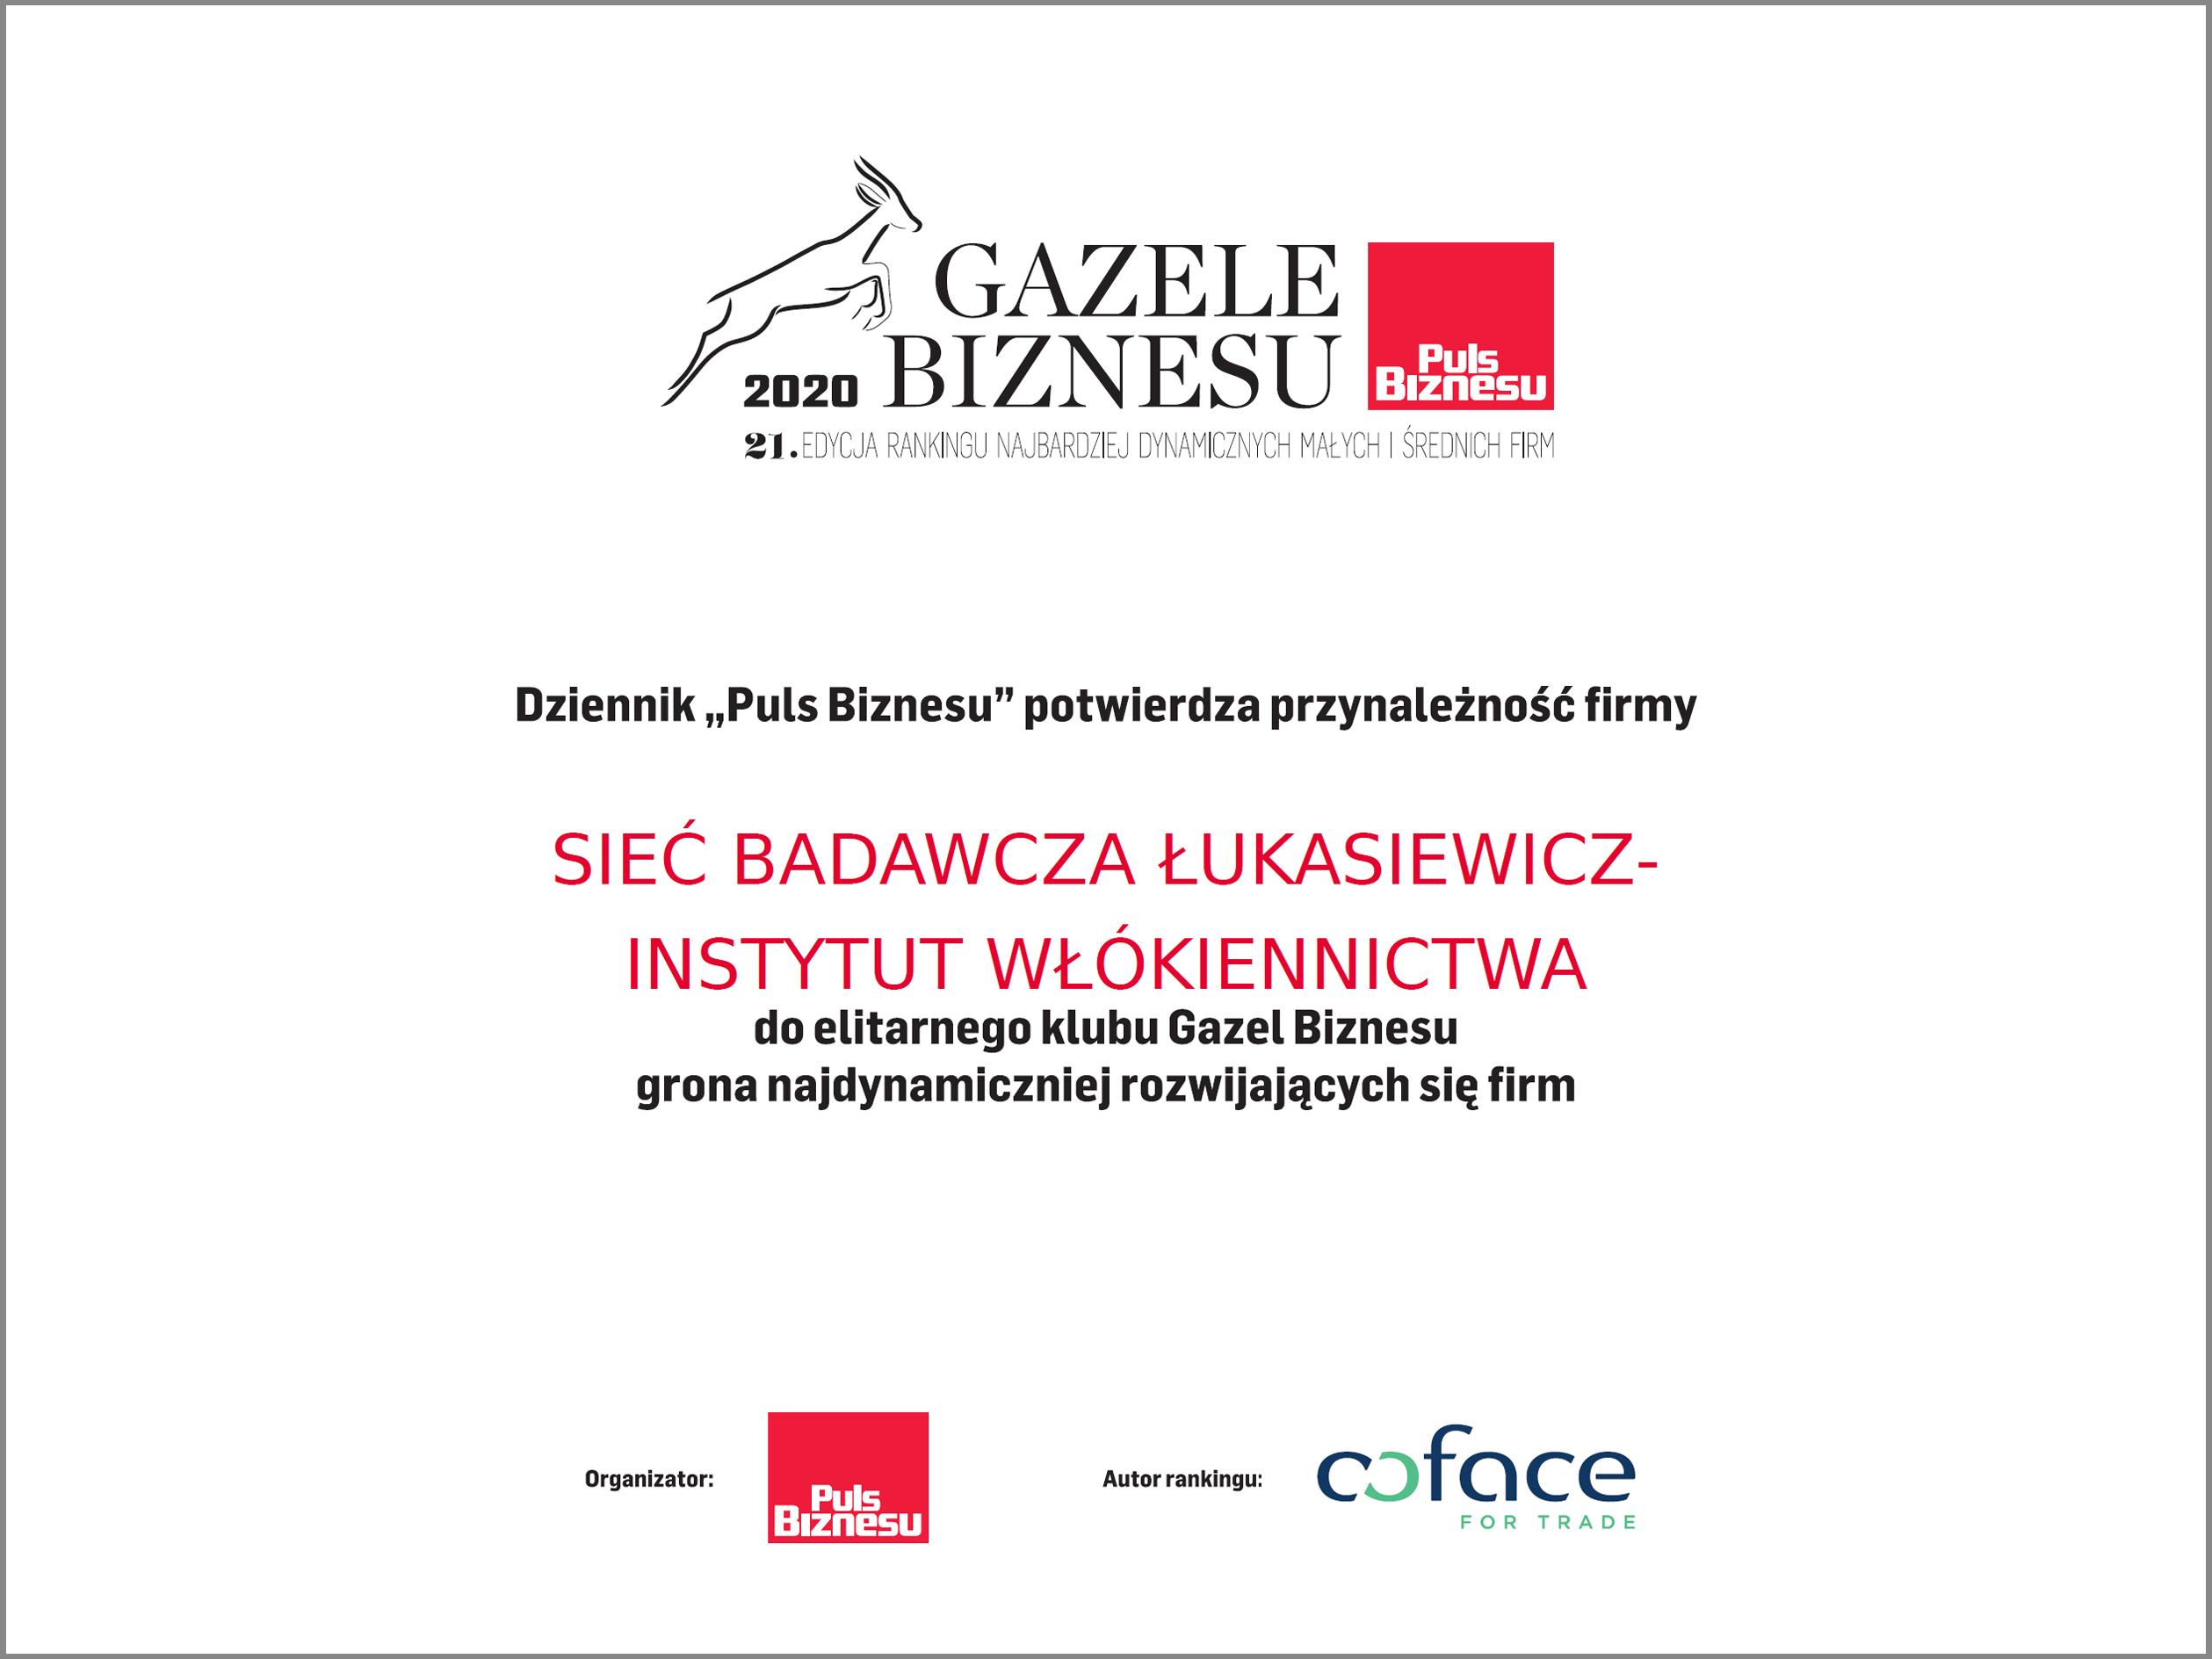 dyplom_gazele_biznesu_2020